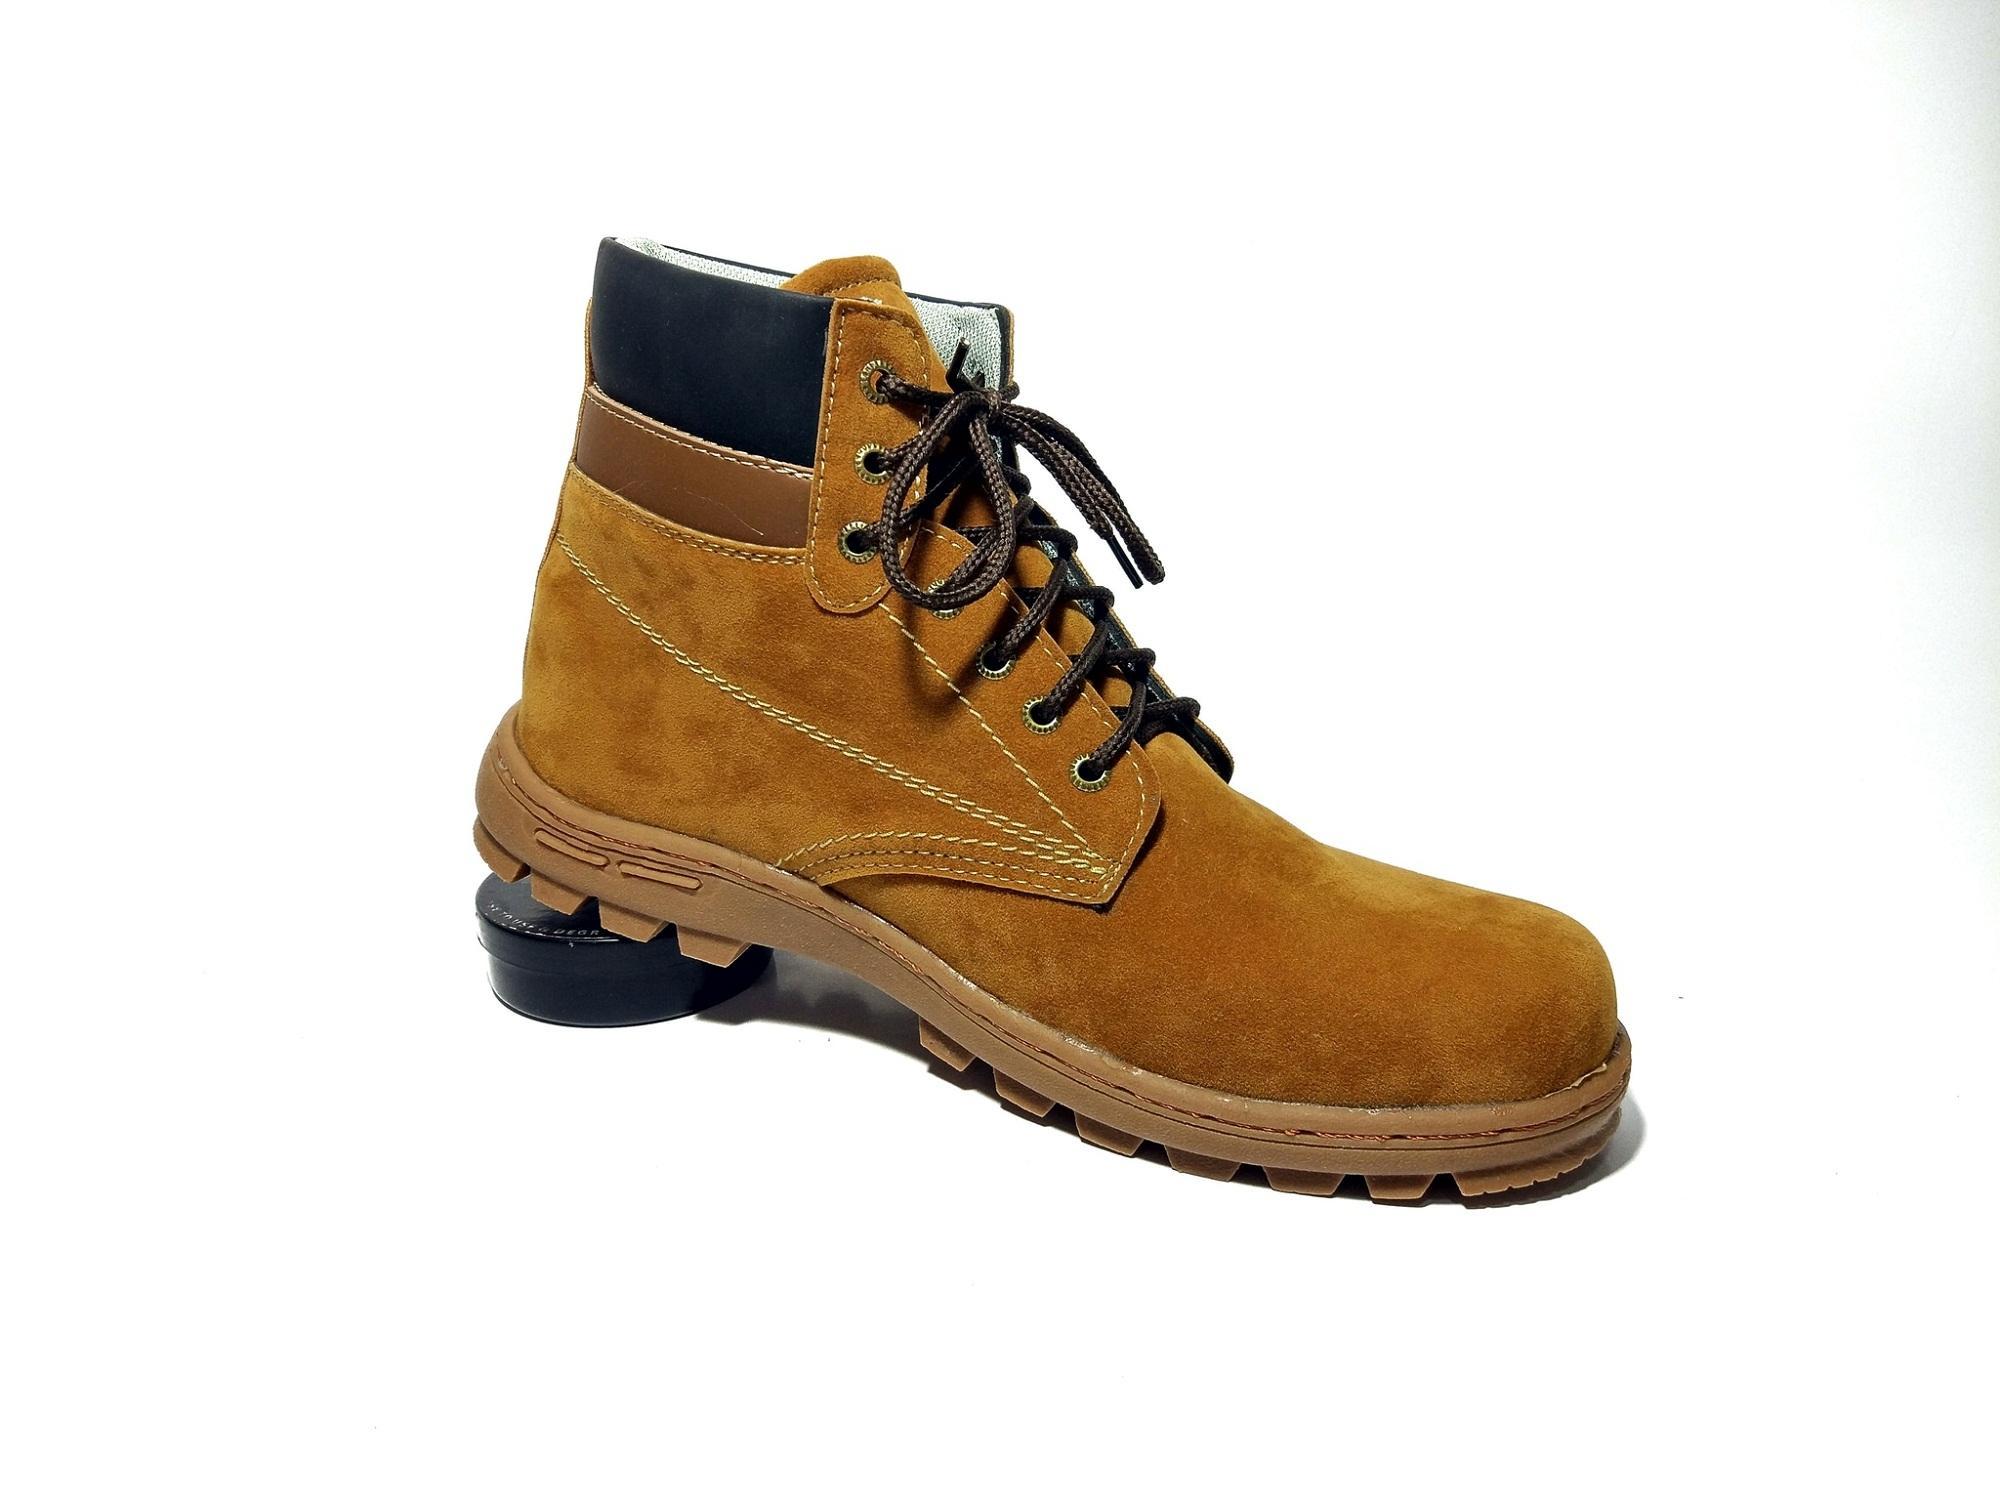 EWN Sepatu Boots / Sepatu Hiking / Sepatu Touring / Sepatu Kasual Pria / Sepatu Safety